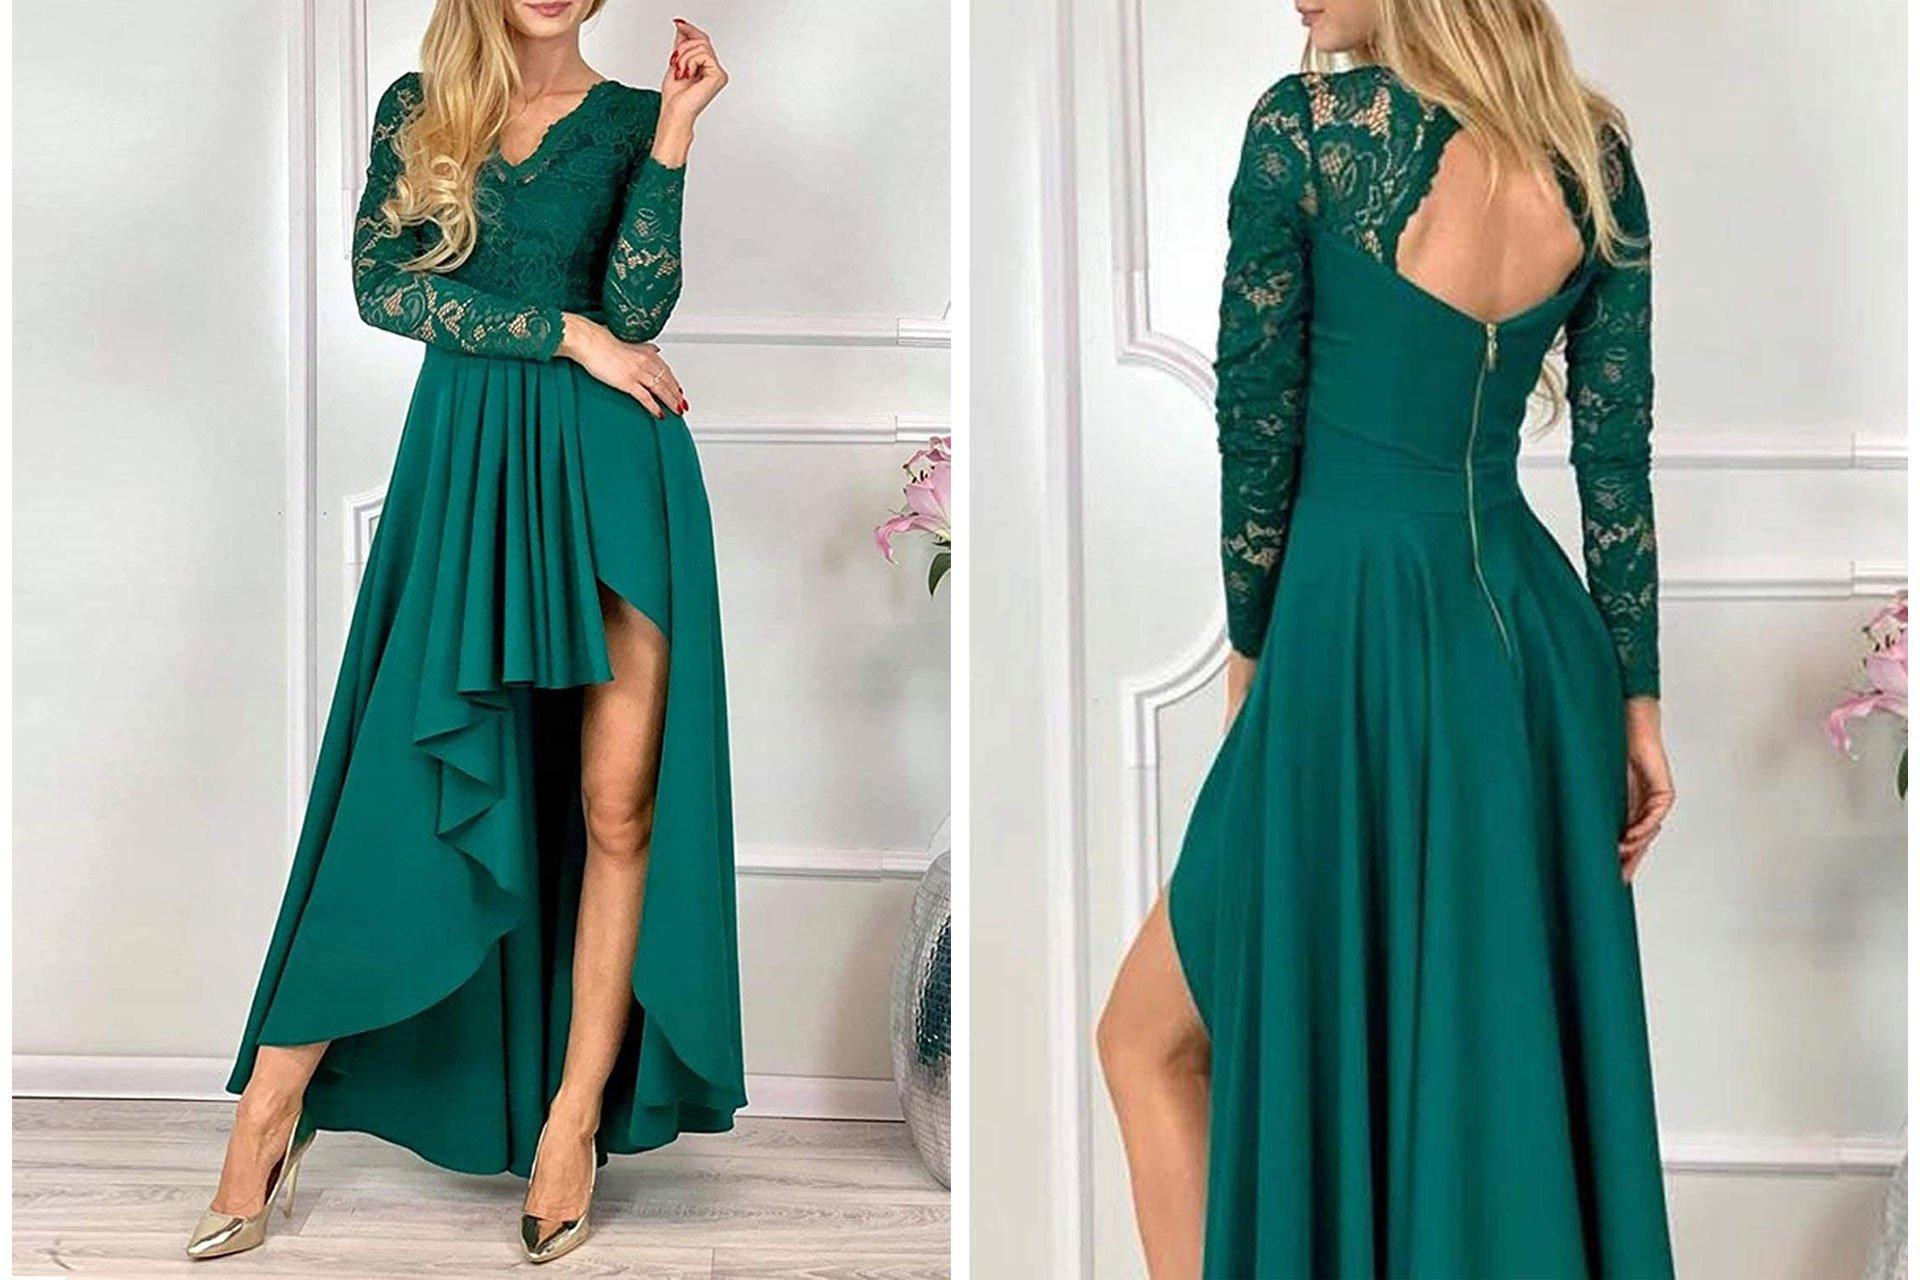 Bdcoco Floral Lace Hi-Low Cocktail Party Dress